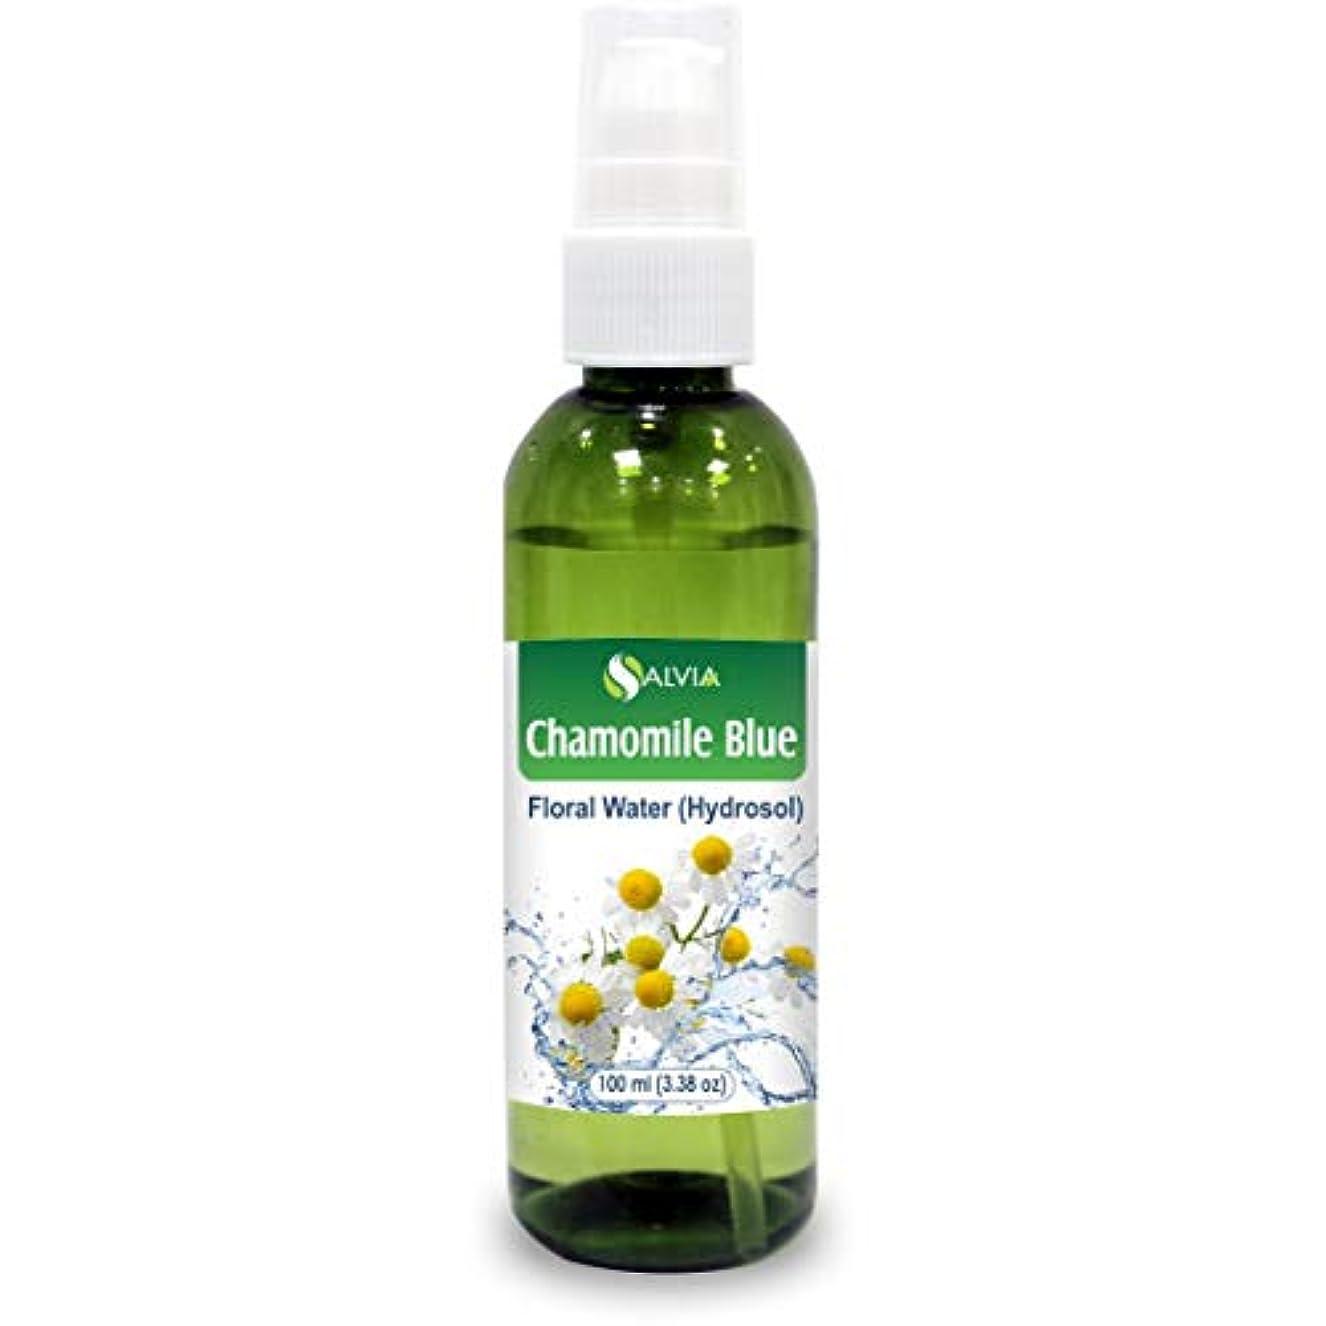 知事平等断線Chamomile Oil, Blue Floral Water 100ml (Hydrosol) 100% Pure And Natural